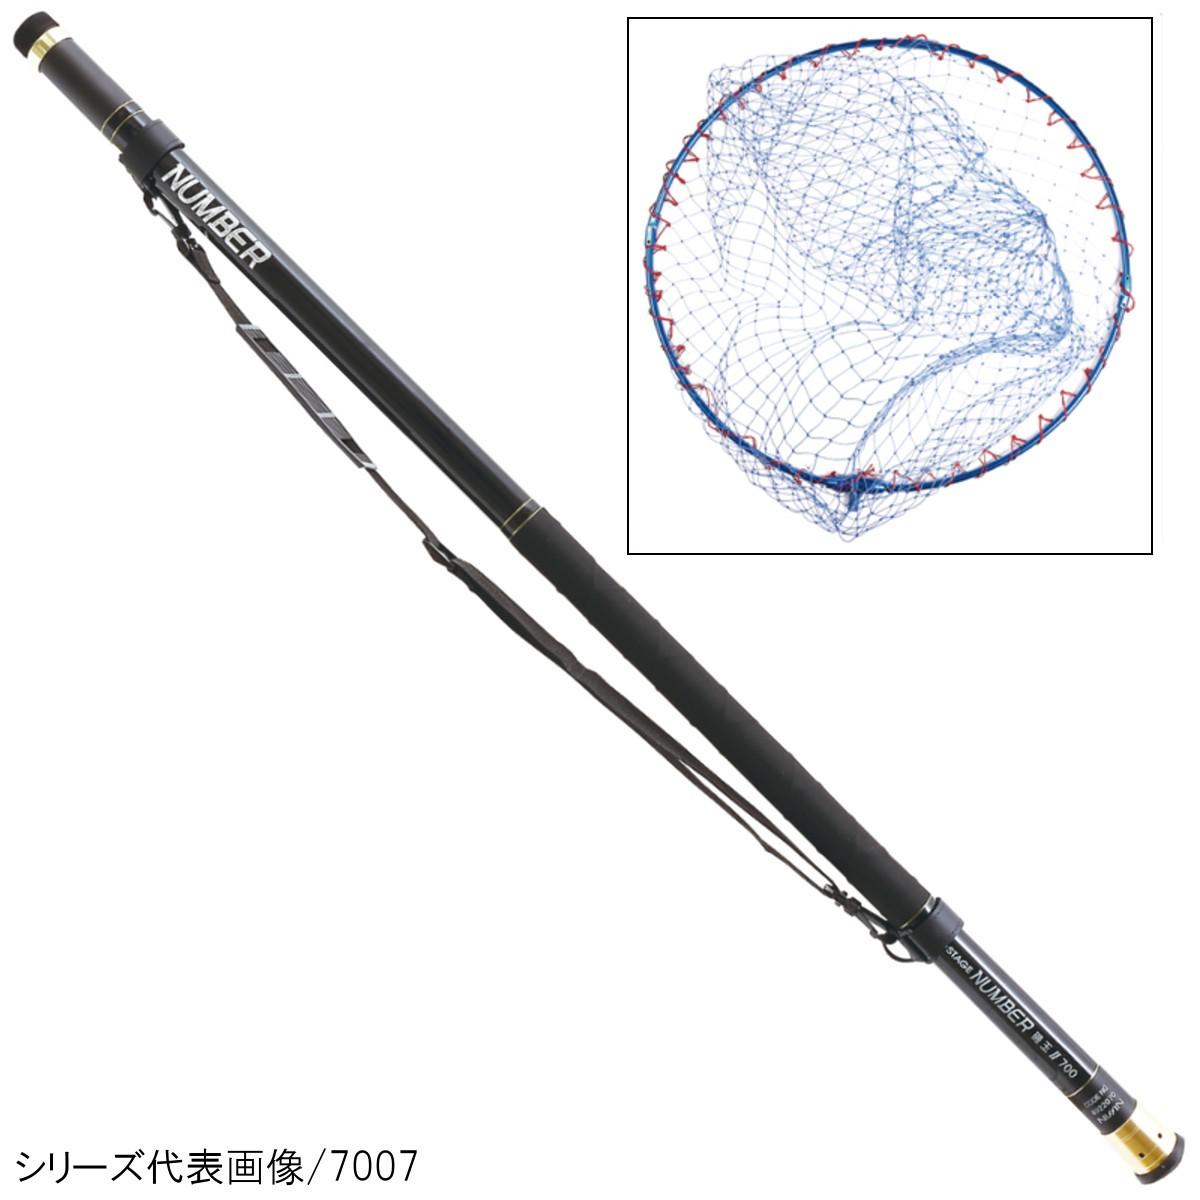 宇崎日新 プロステージナンバー 磯玉網セットII 5005